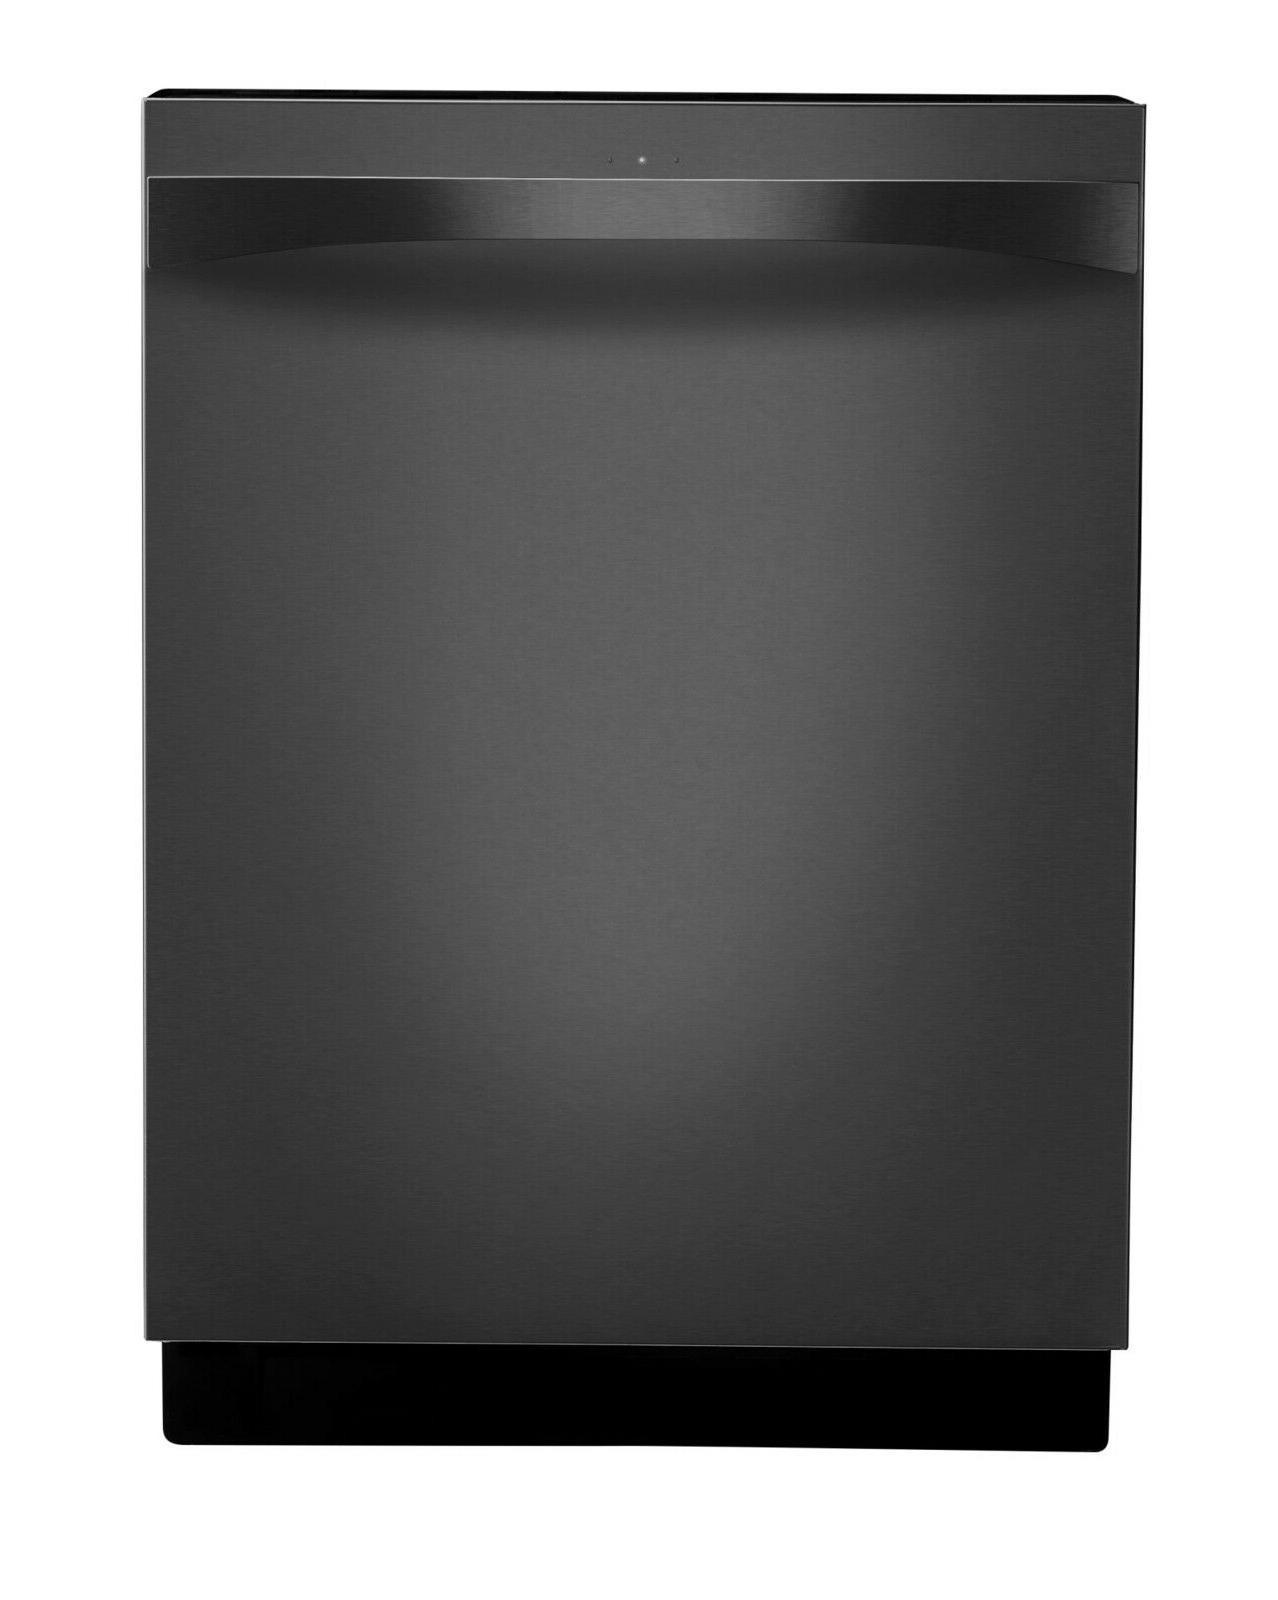 elite elite 14677 smart dishwasher with third